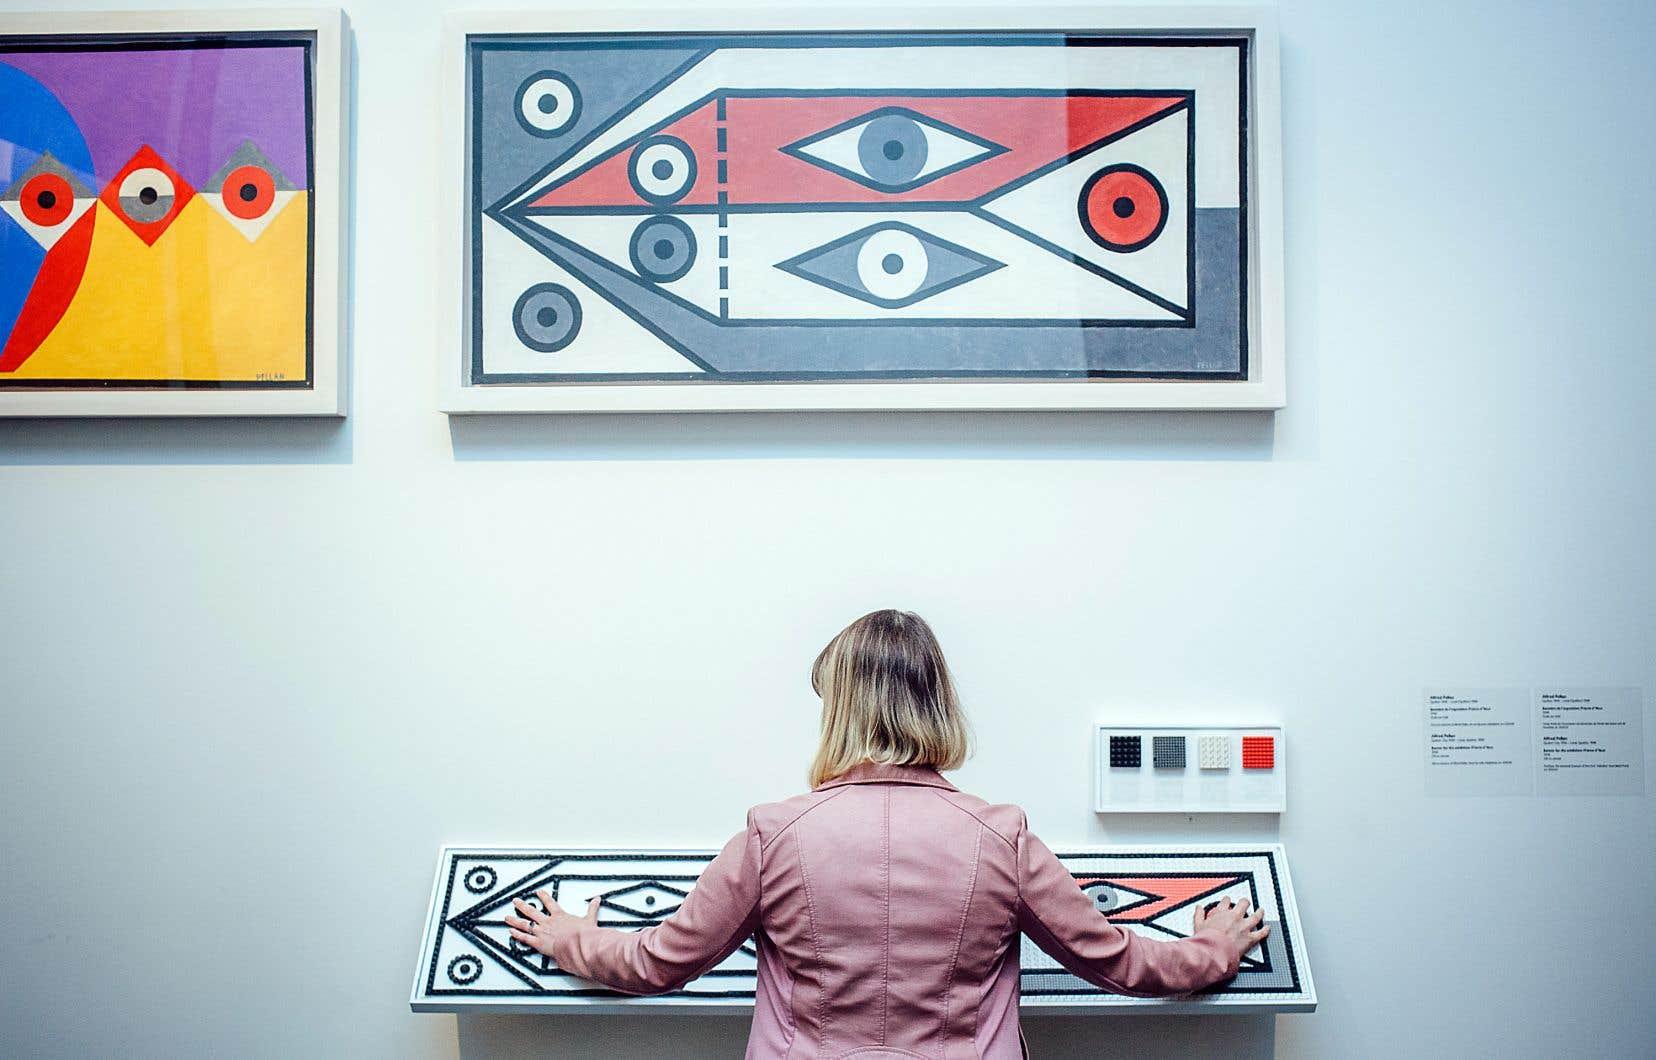 Les visiteurs peuvent découvrir l'œuvre de Pellan progressivement, en passant du panneau de la forme à celui de la couleur, ou lire les deux en même temps, comme le démontre l'instigatrice du projet, Patricia Bérubé, artiste numérique et spécialiste de l'animation 3D. La distance entre les deux panneaux a été déterminée pour maximiser la compréhension de l'œuvre.